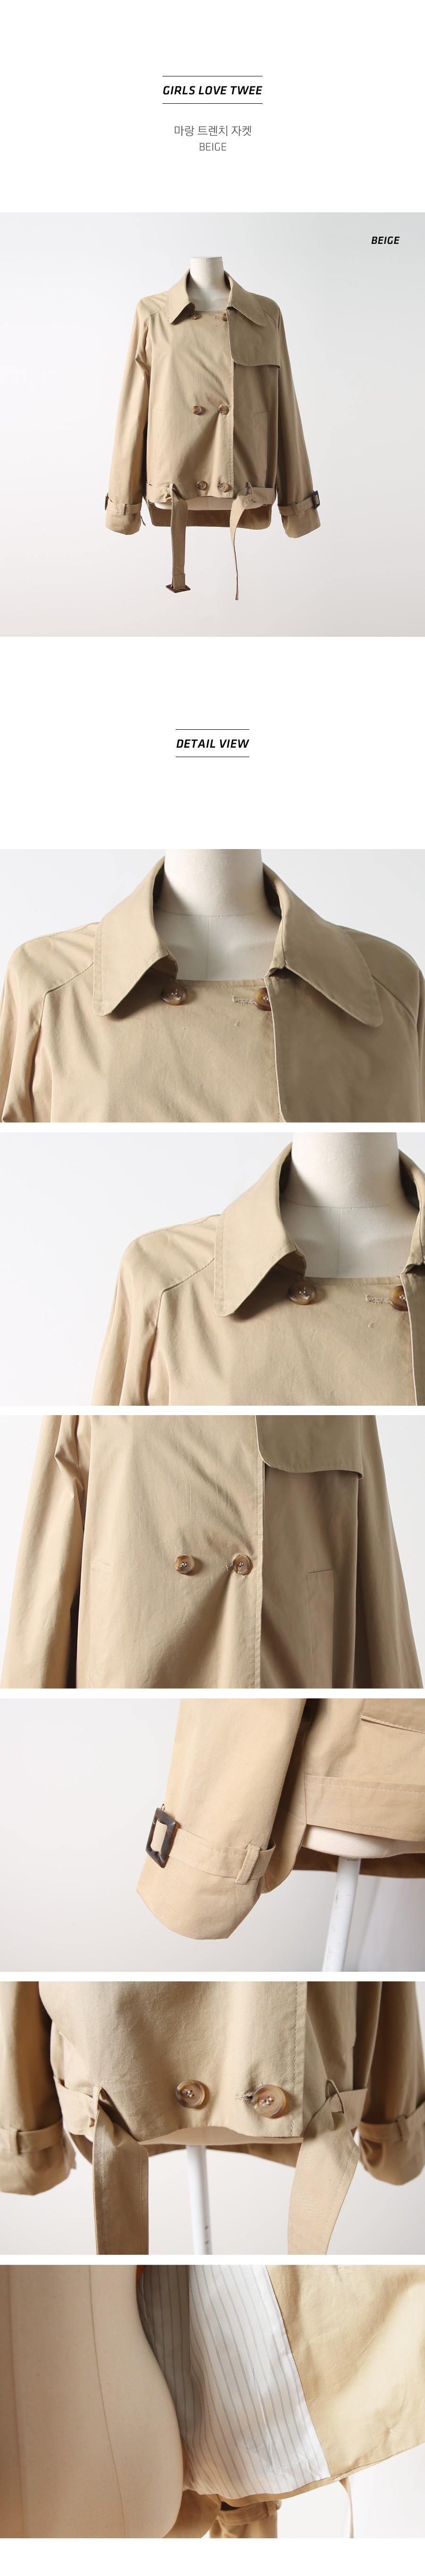 Marang trench jacket